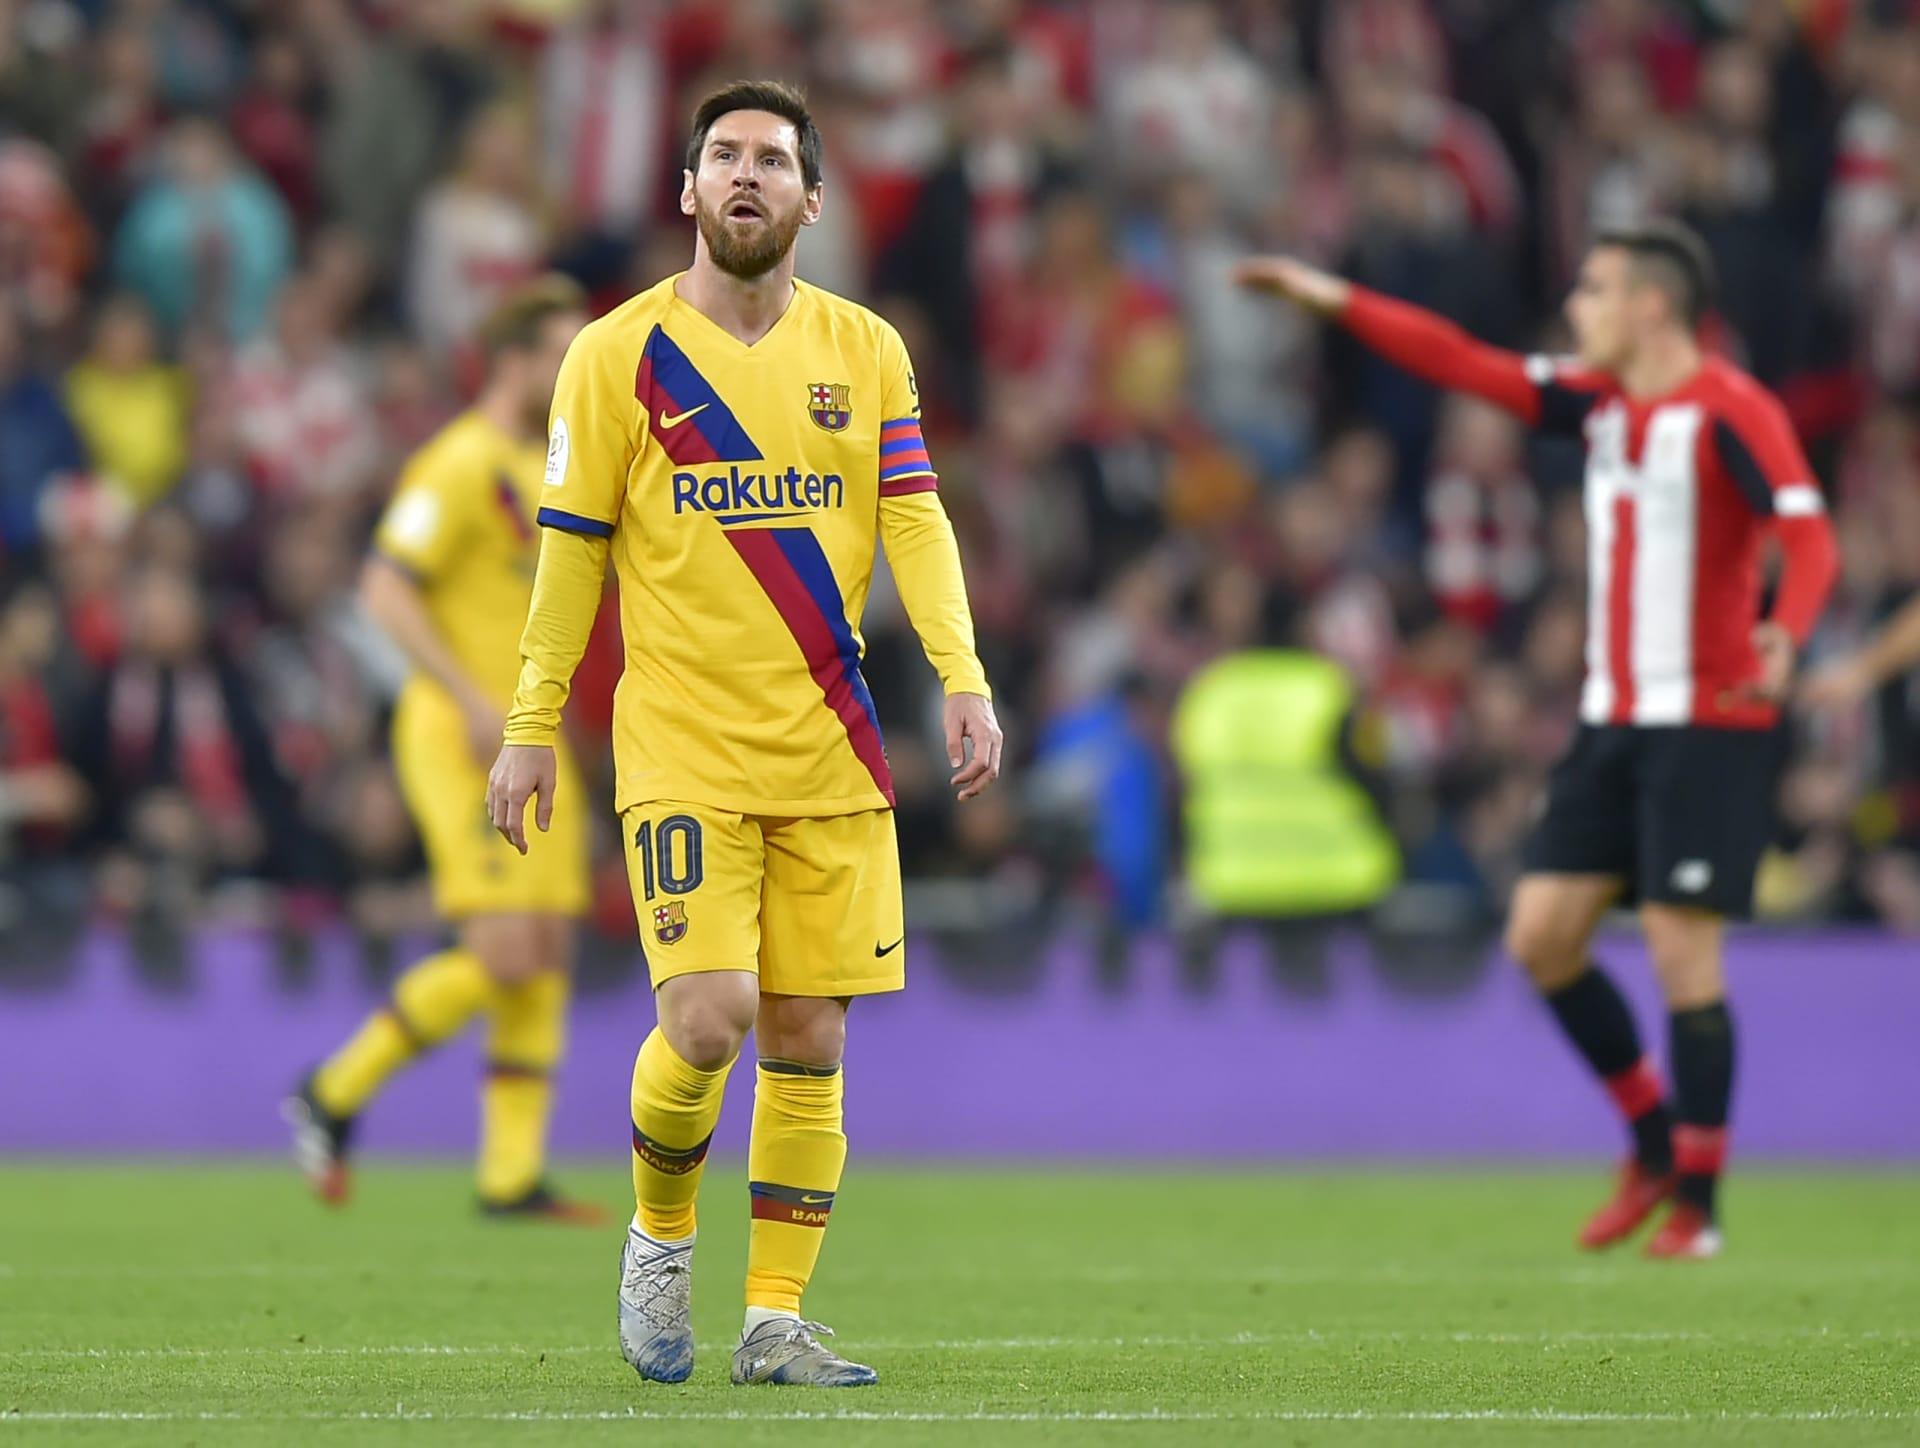 """ليلة خروج الكبار من كأس الملك.. ريال مدريد يتلقى رباعية """"مُؤلمة"""".. وهدف قاتل لبرشلونة"""